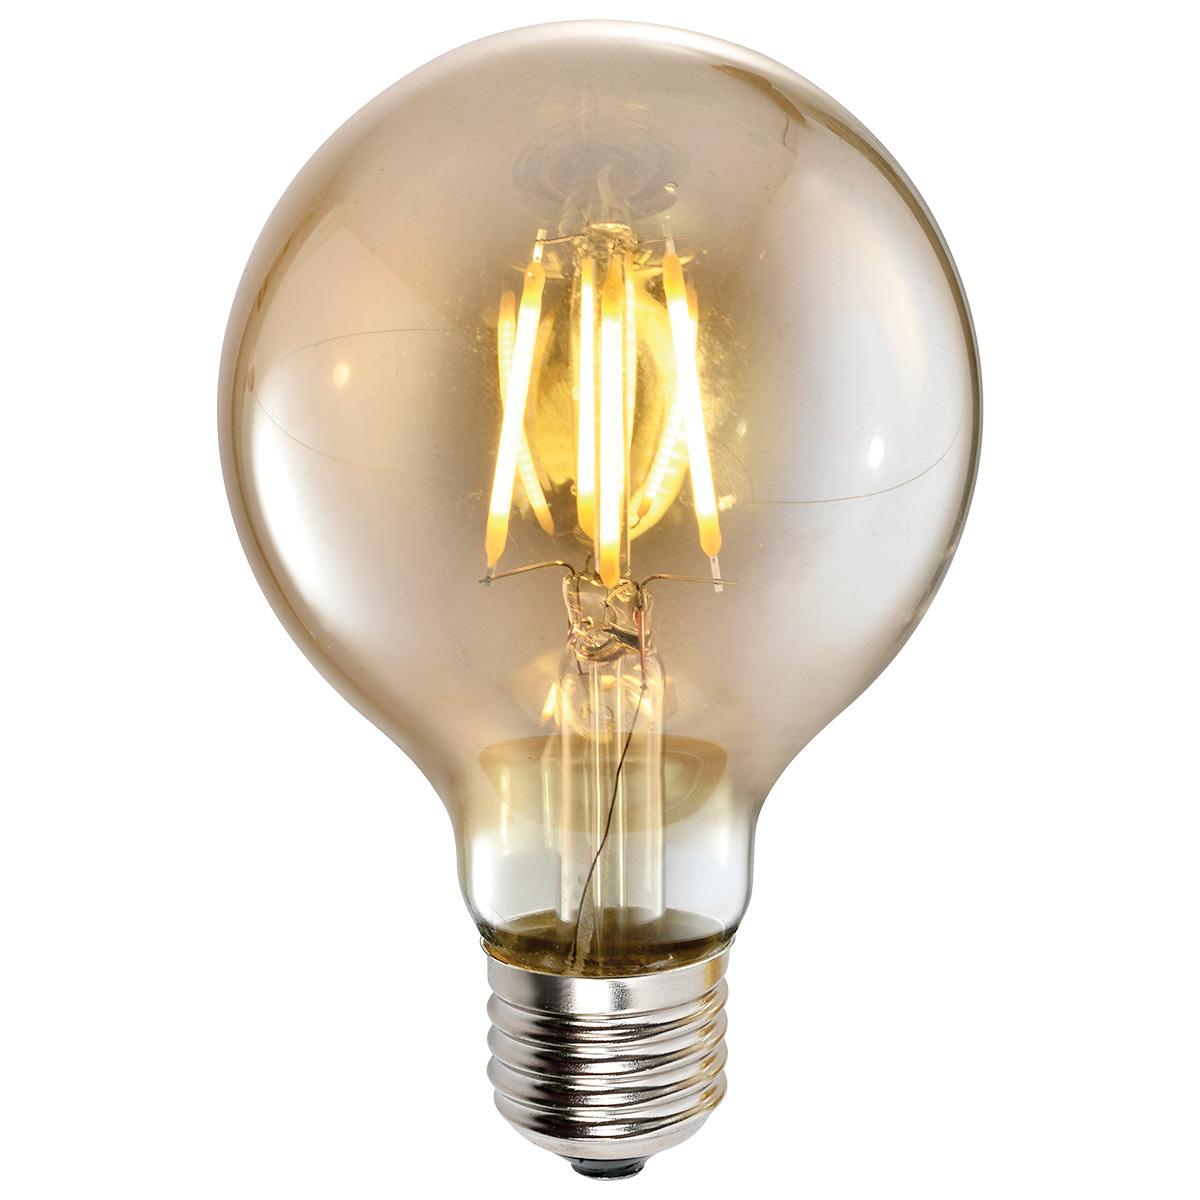 Lampa LED G95 4W AMBER E27 2700K 220V (TL) 50sh